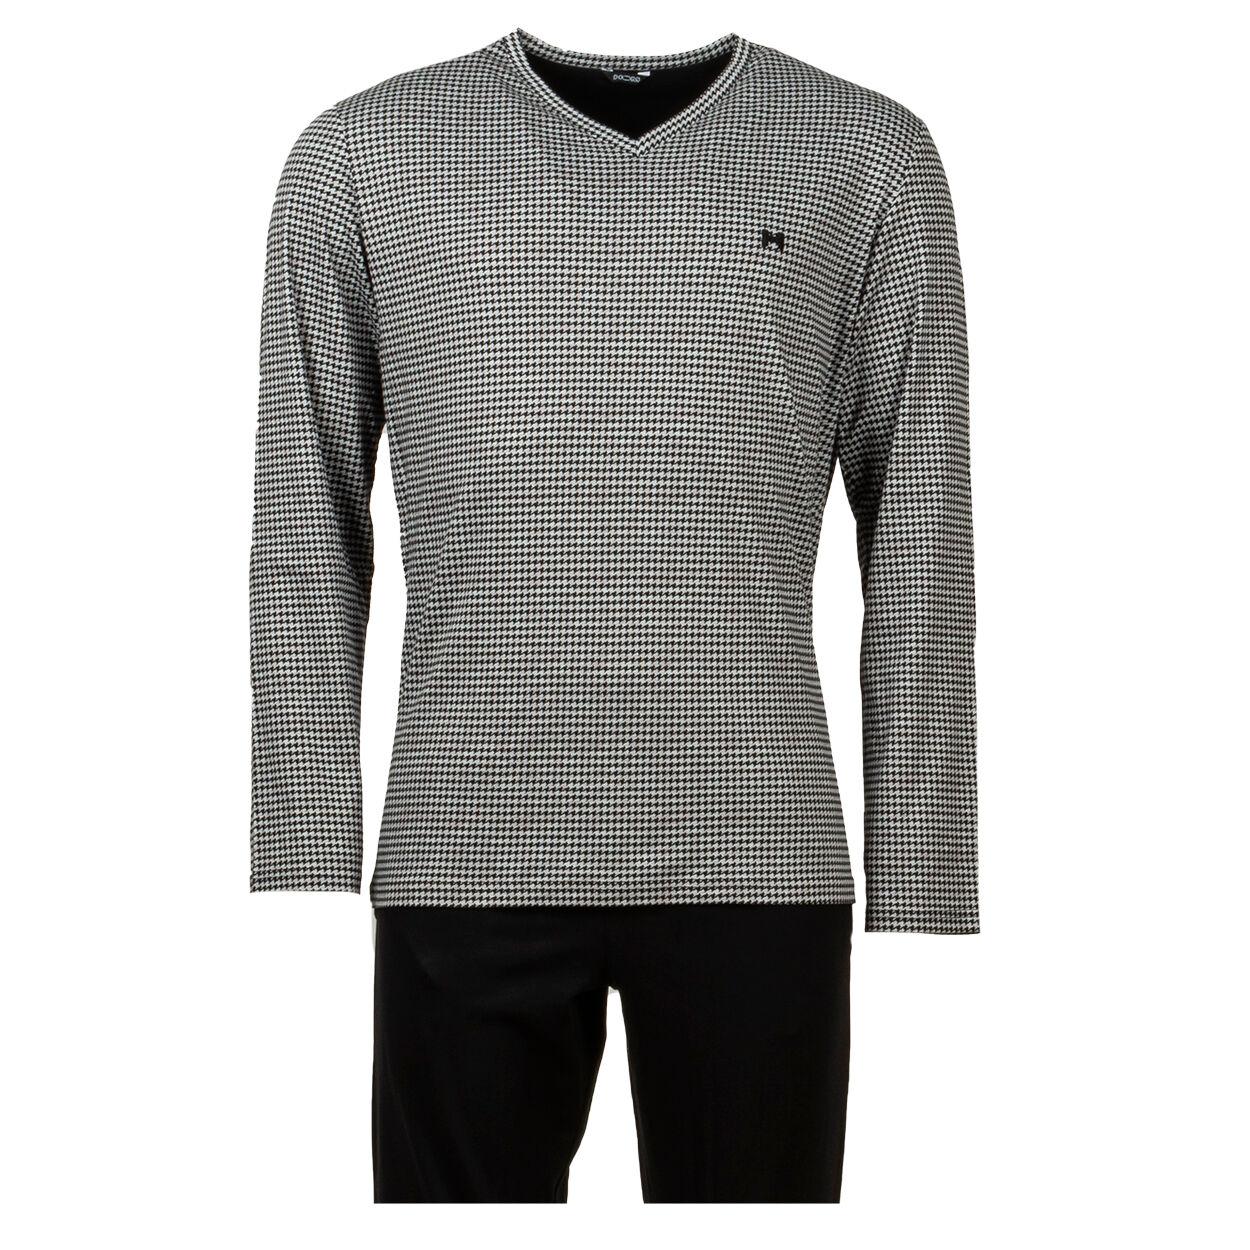 Hom Pyjama long HOM Aurélien en coton : tee-shirt manches longues col V à motif pied de poule gris et noir et pantalon noir - NOIR GRIS -